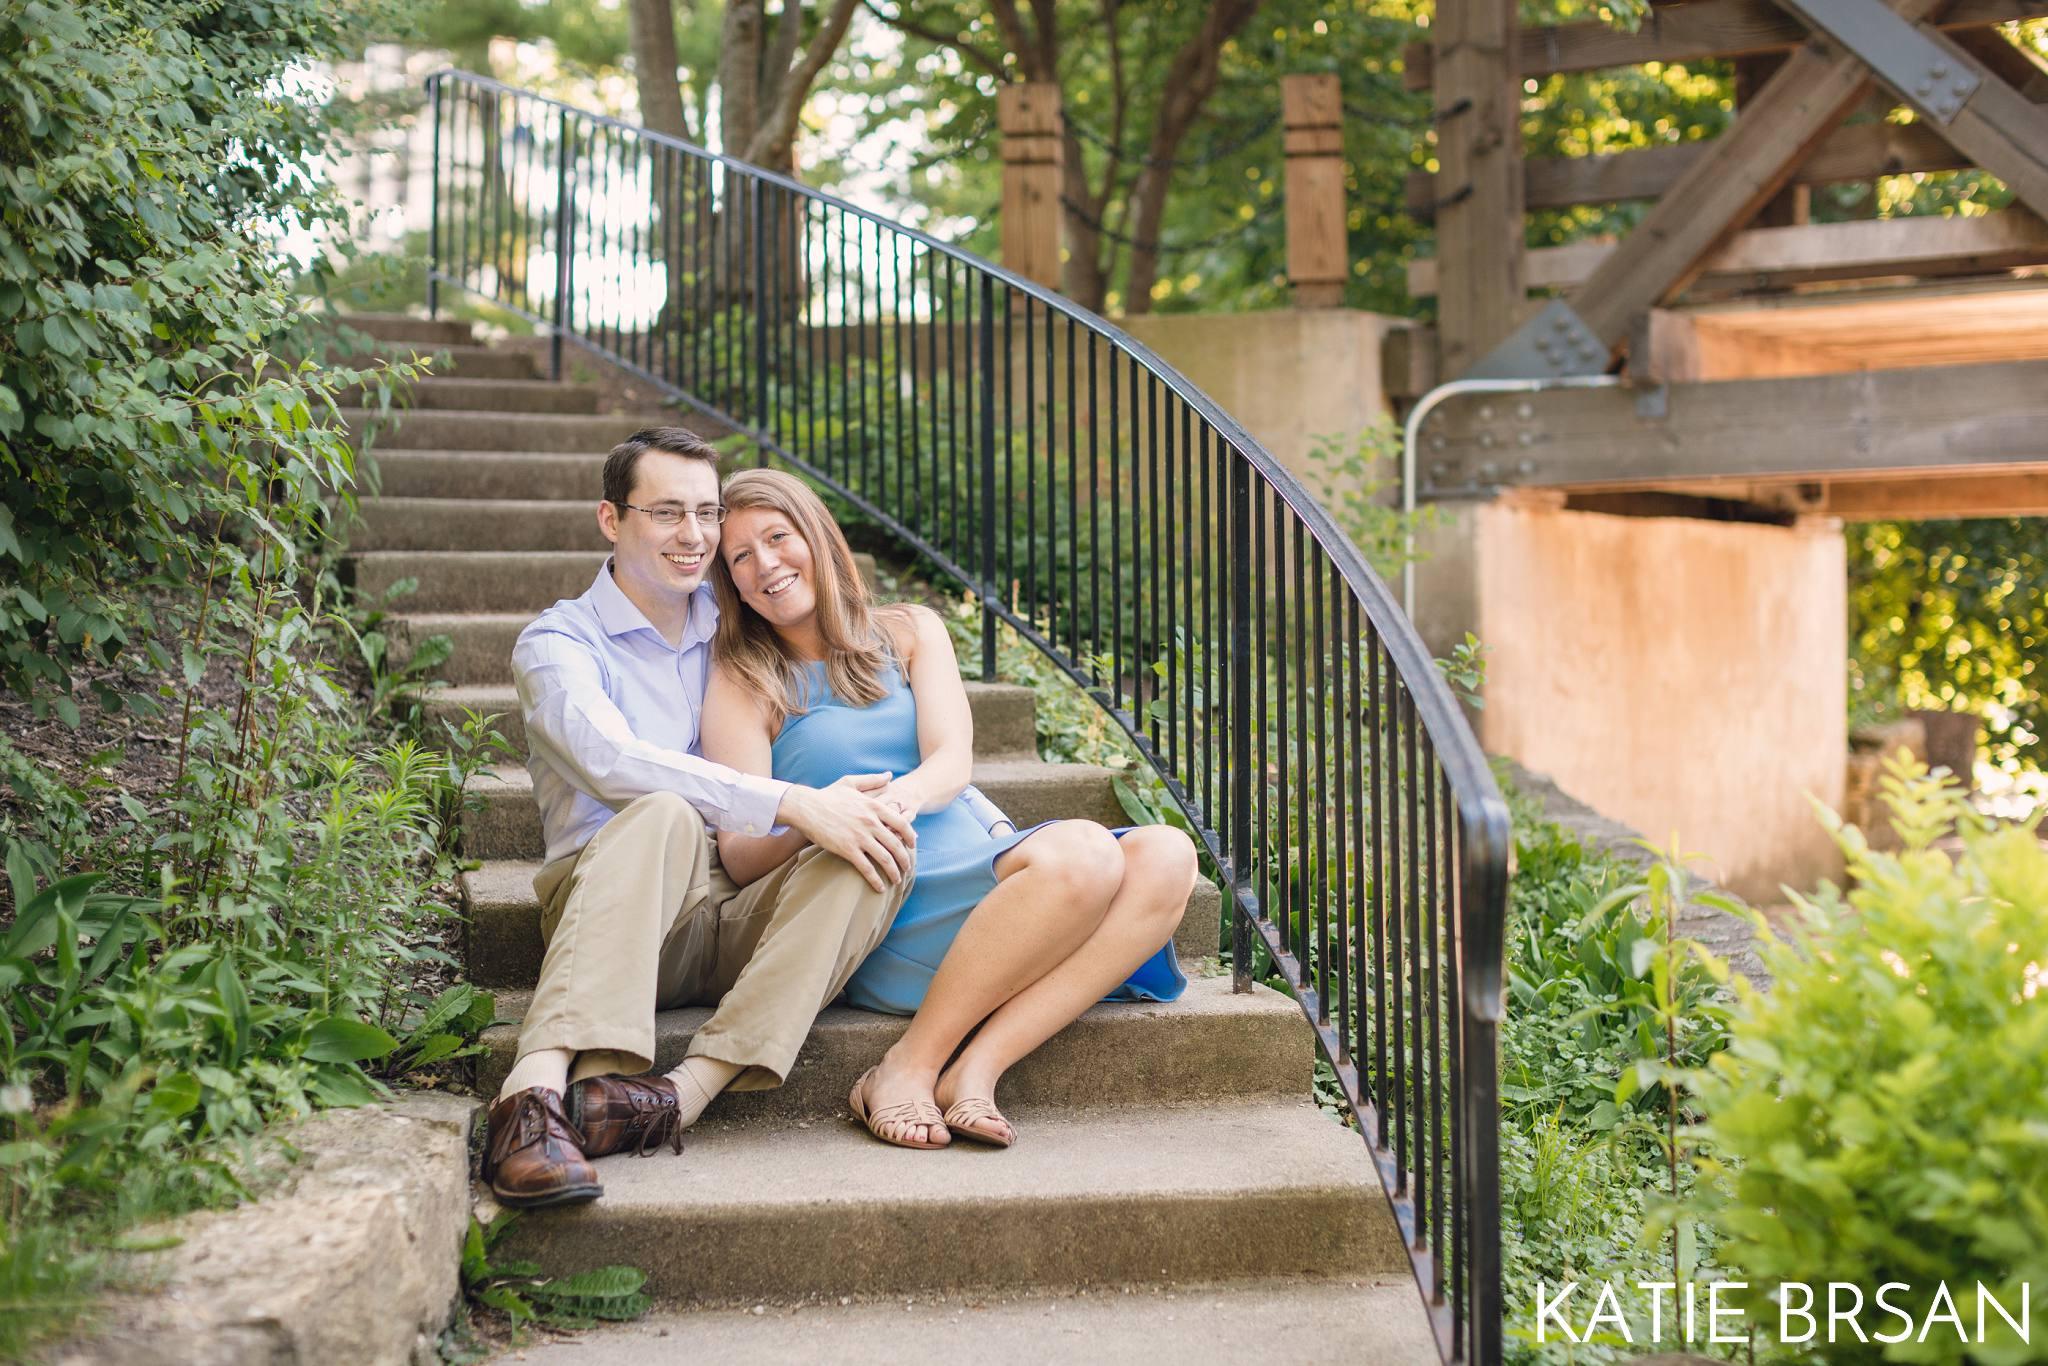 KatieBrsan-Naperville-Riverwalk-EngagementSession_0141.jpg